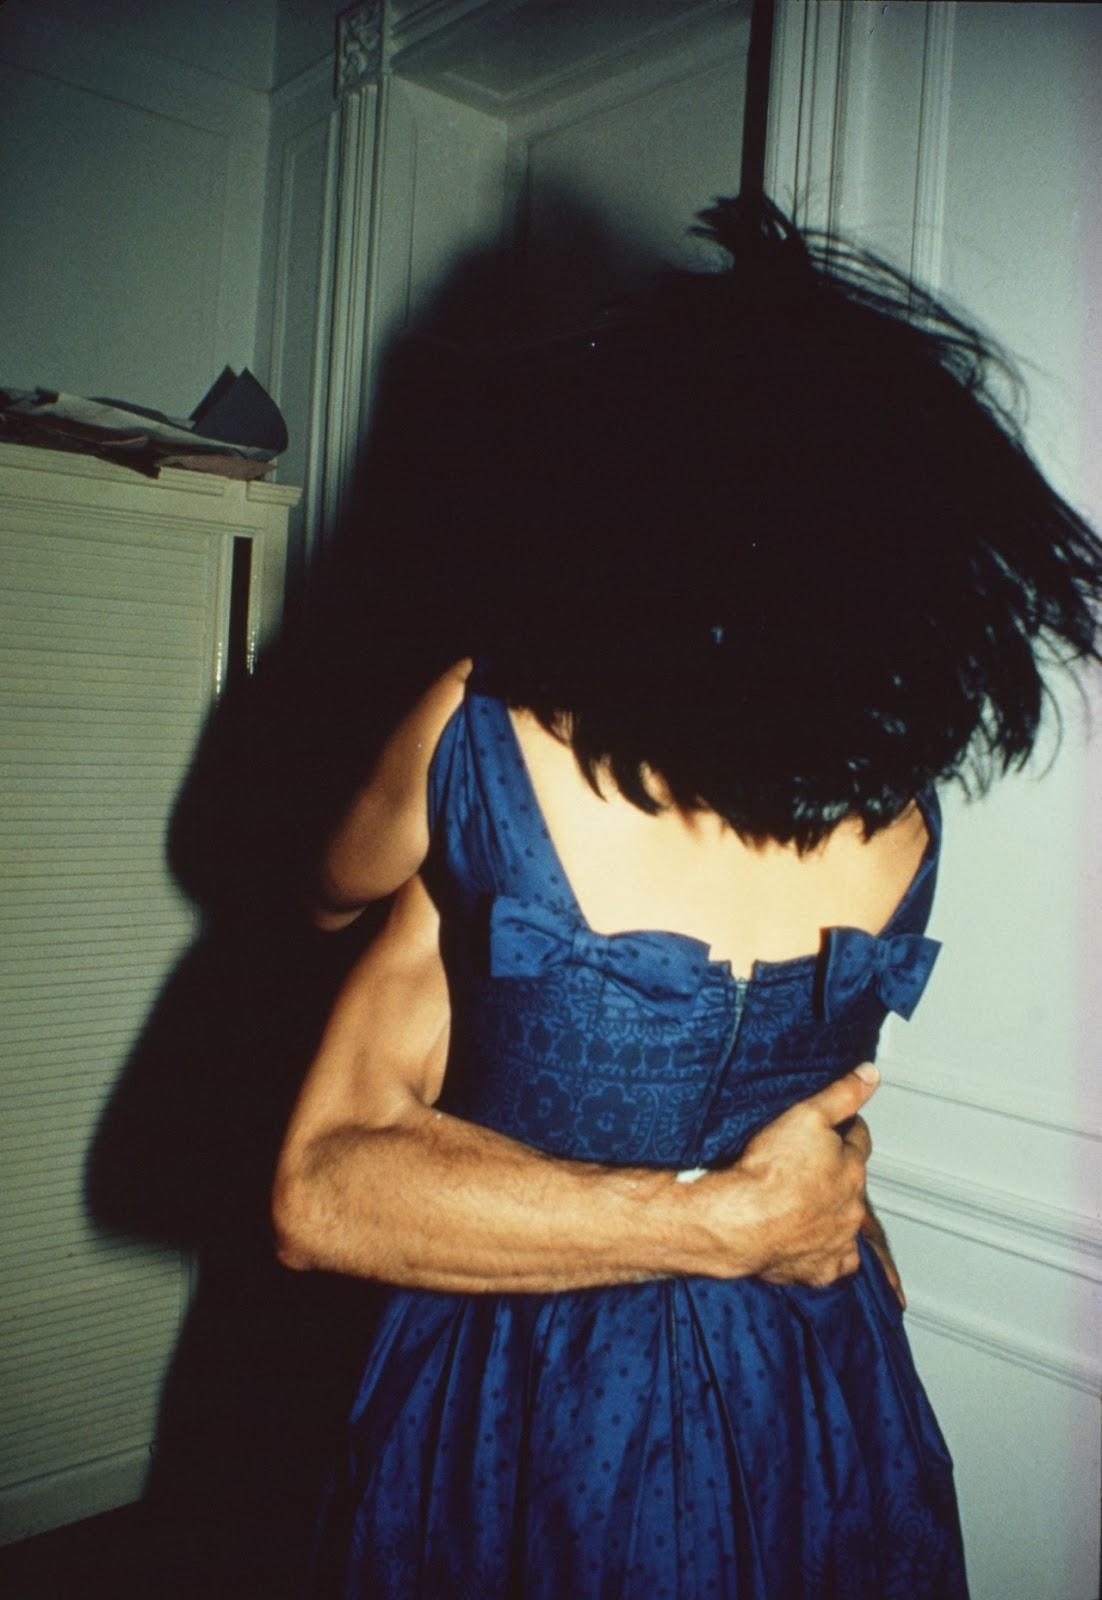 Goldin_Nan_The Hug_1980.jpg